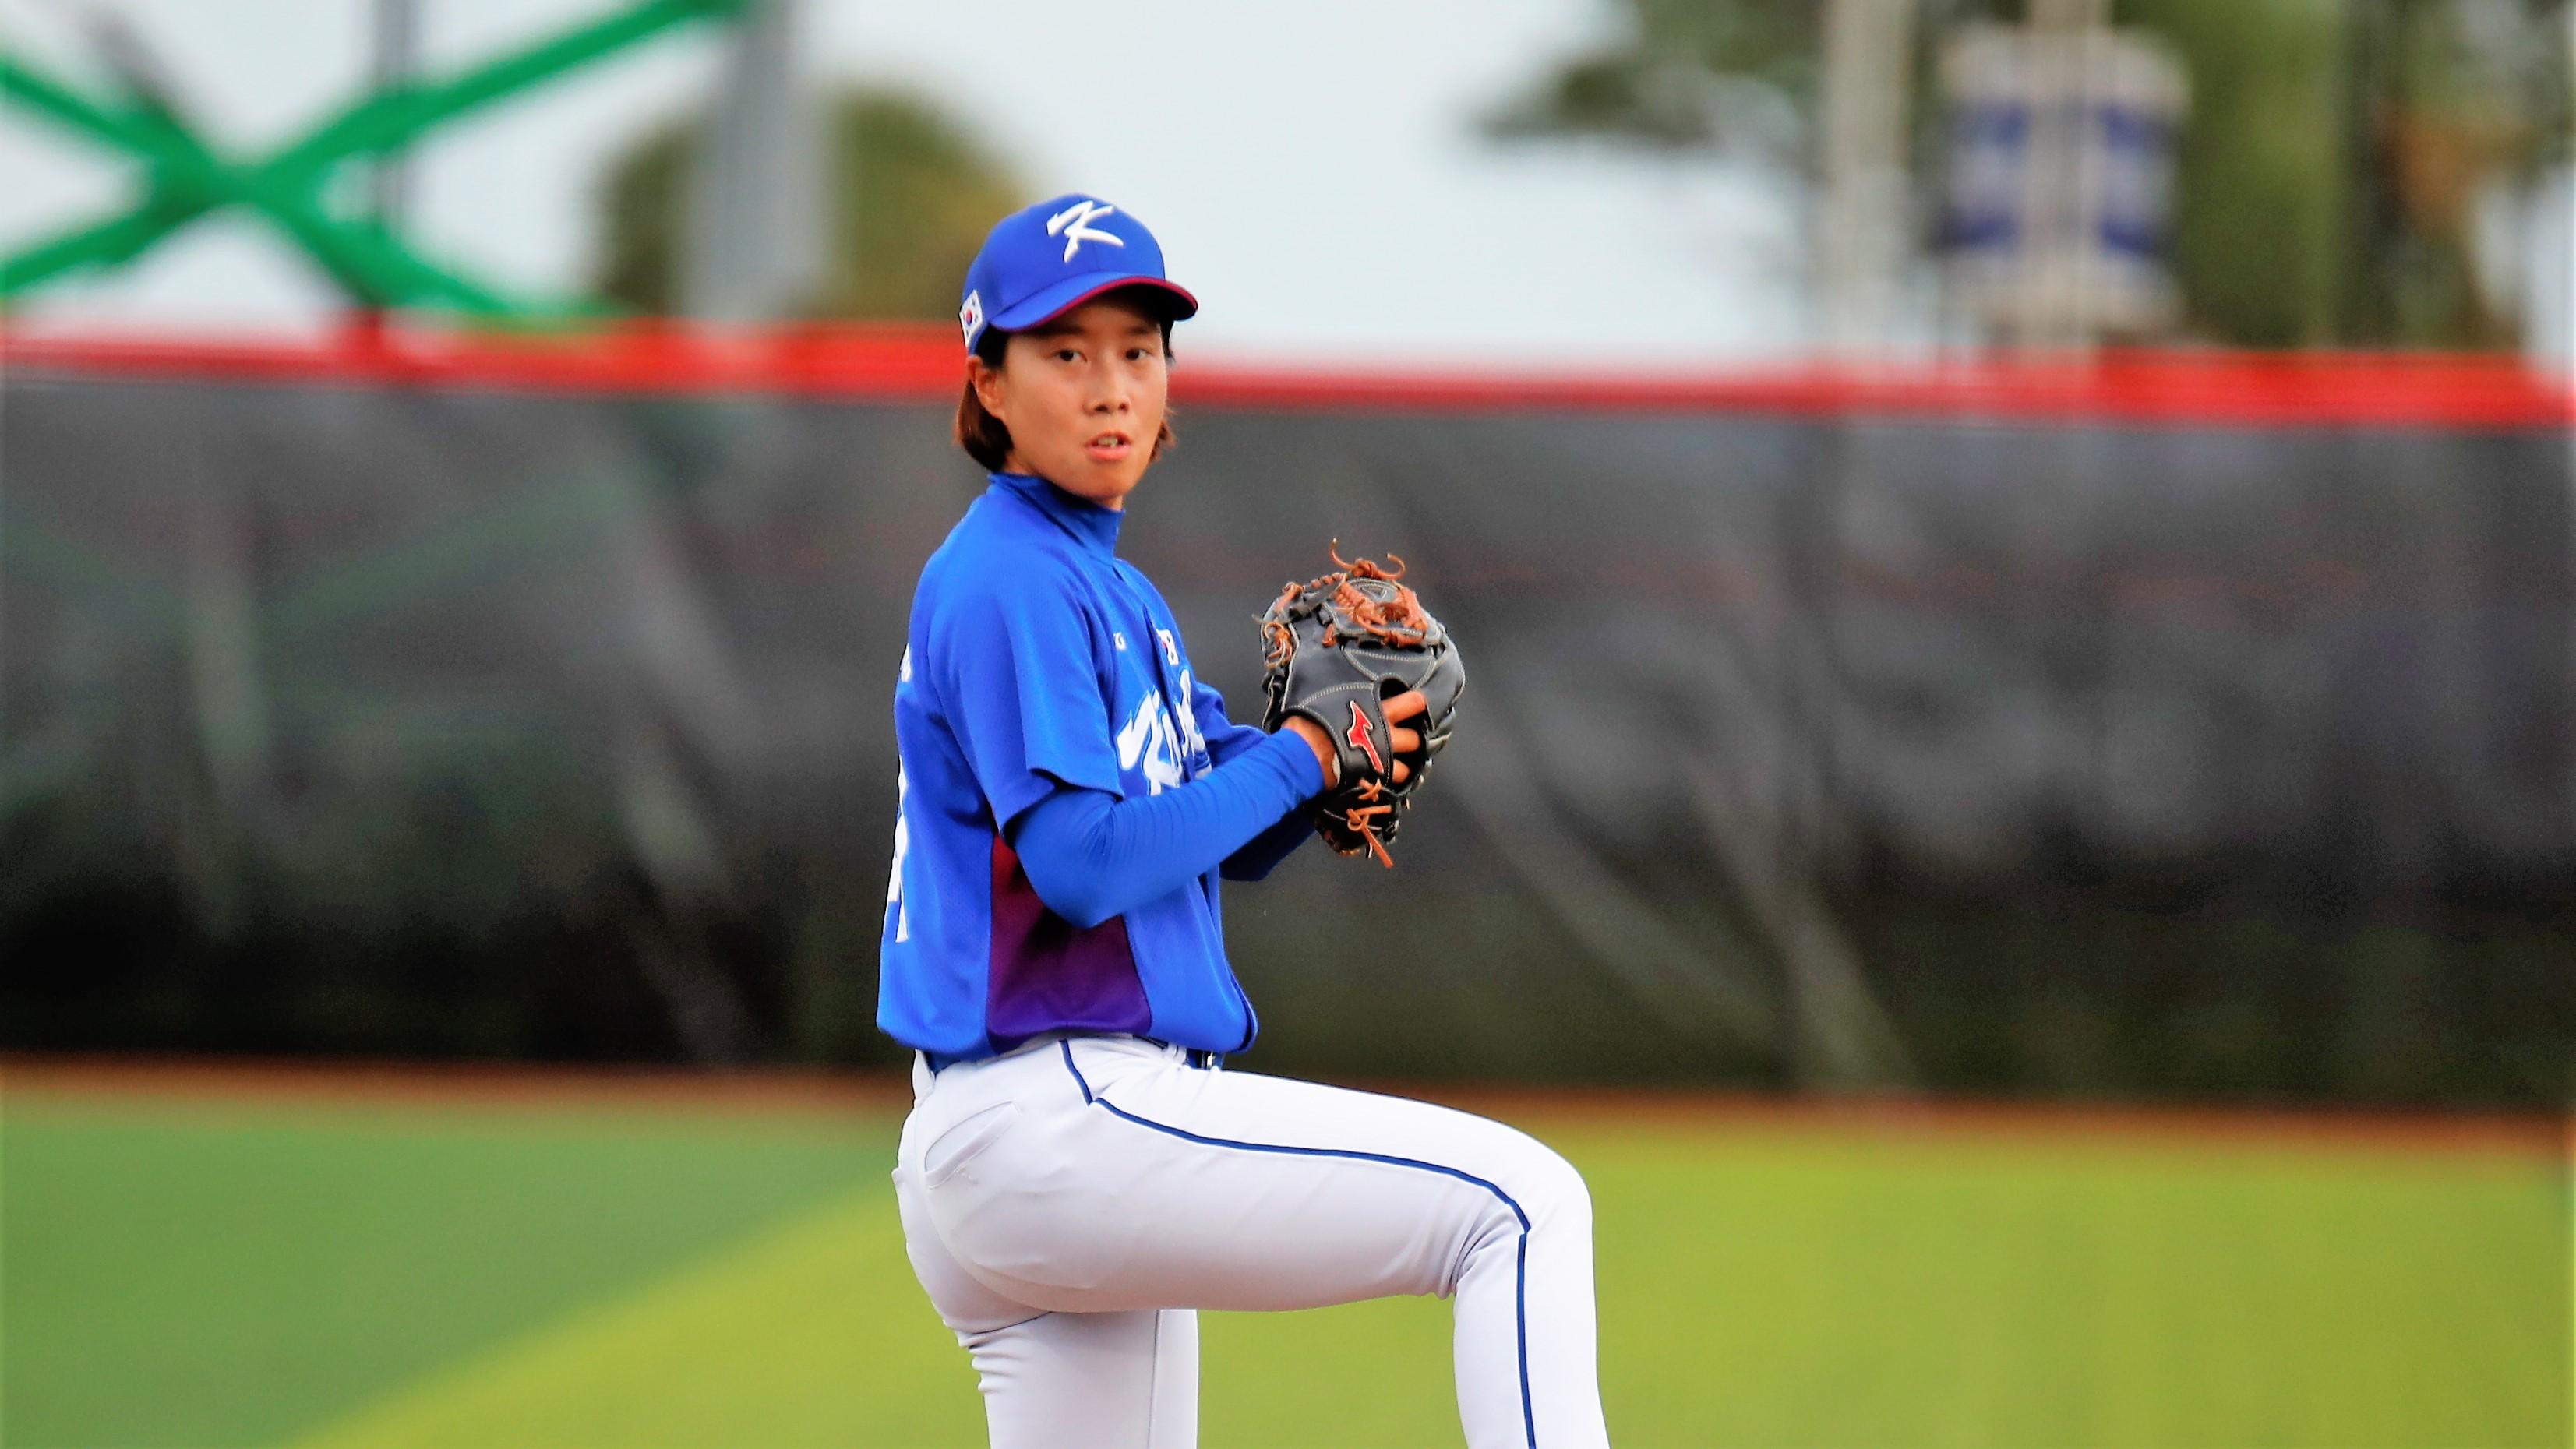 Korea's lefthander Kim Hieli